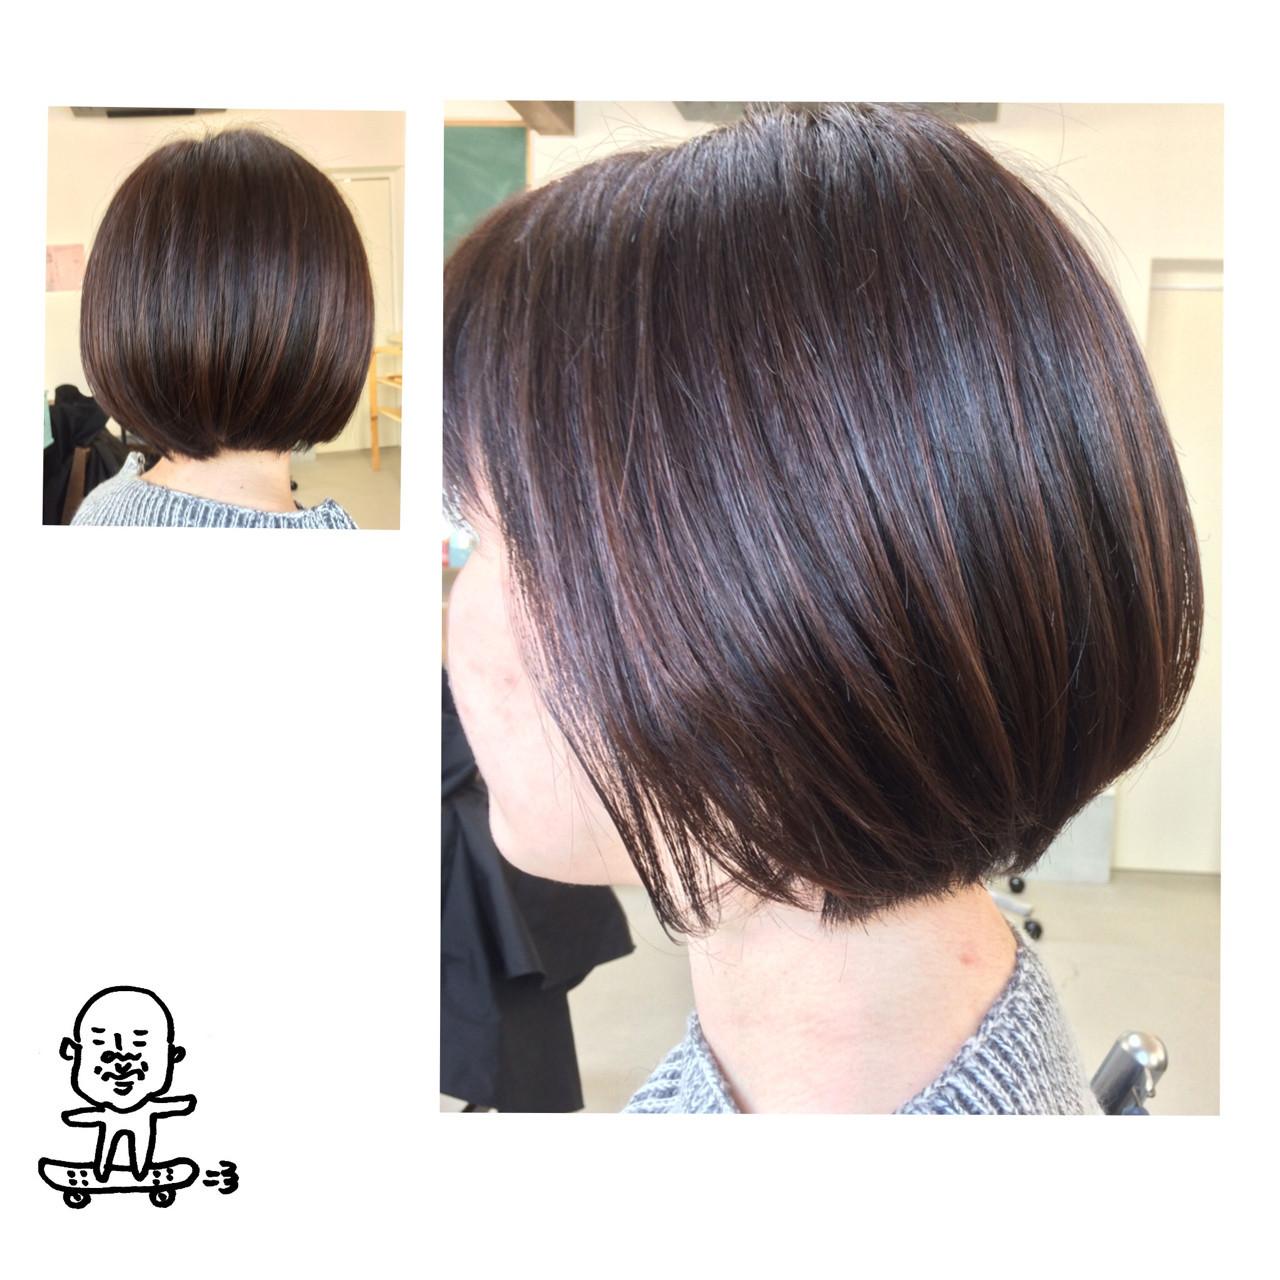 大人の魅力がいっぱい詰まった人気ショートヘアスタイル♡ iwamoto atsushi